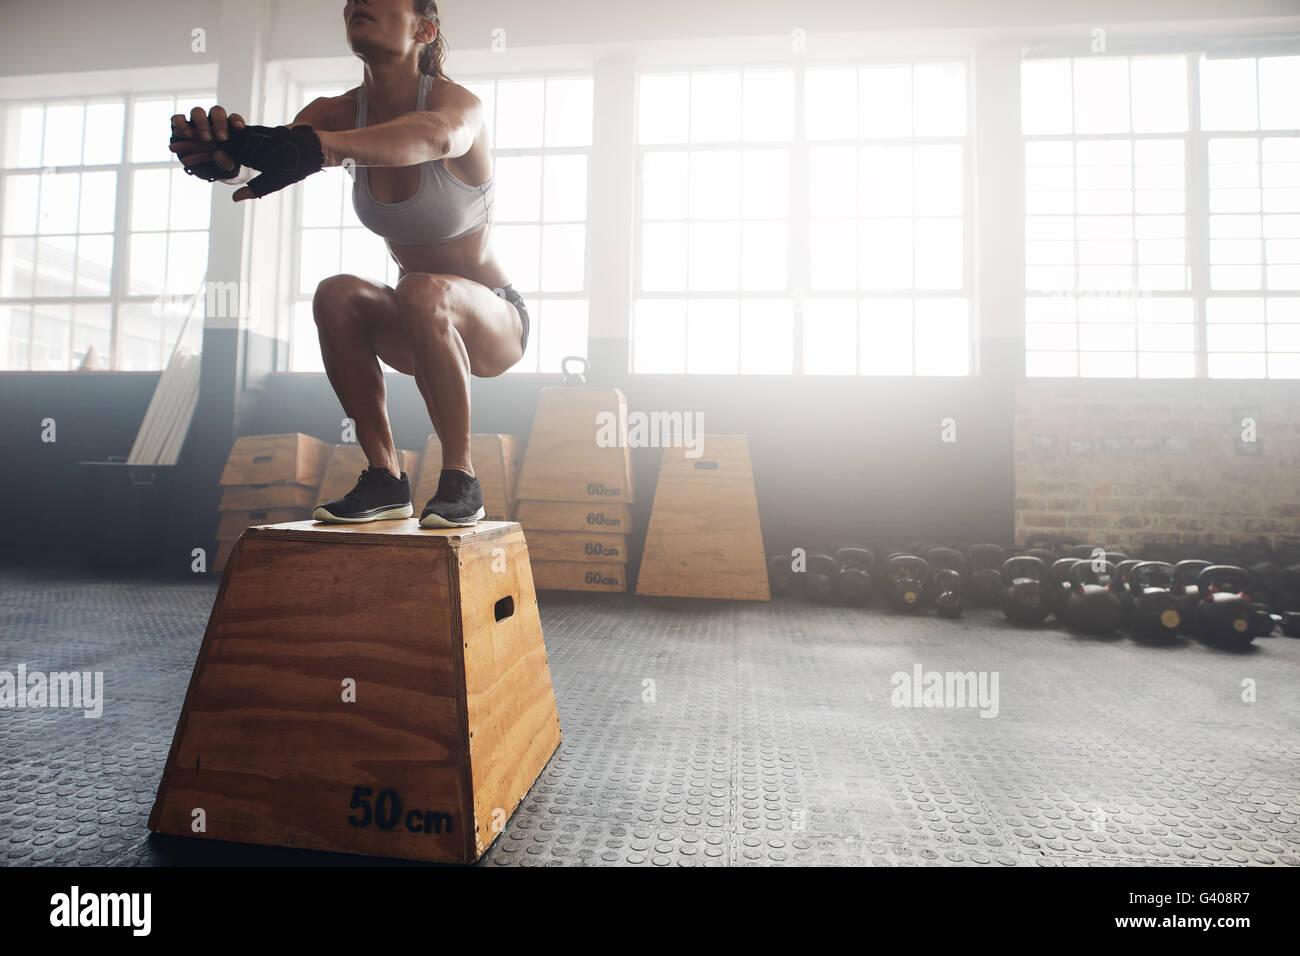 Tourné d'une jeune femme sautant sur un fort dans le cadre de l'exercice de routine. Femme Fitness Photo Stock